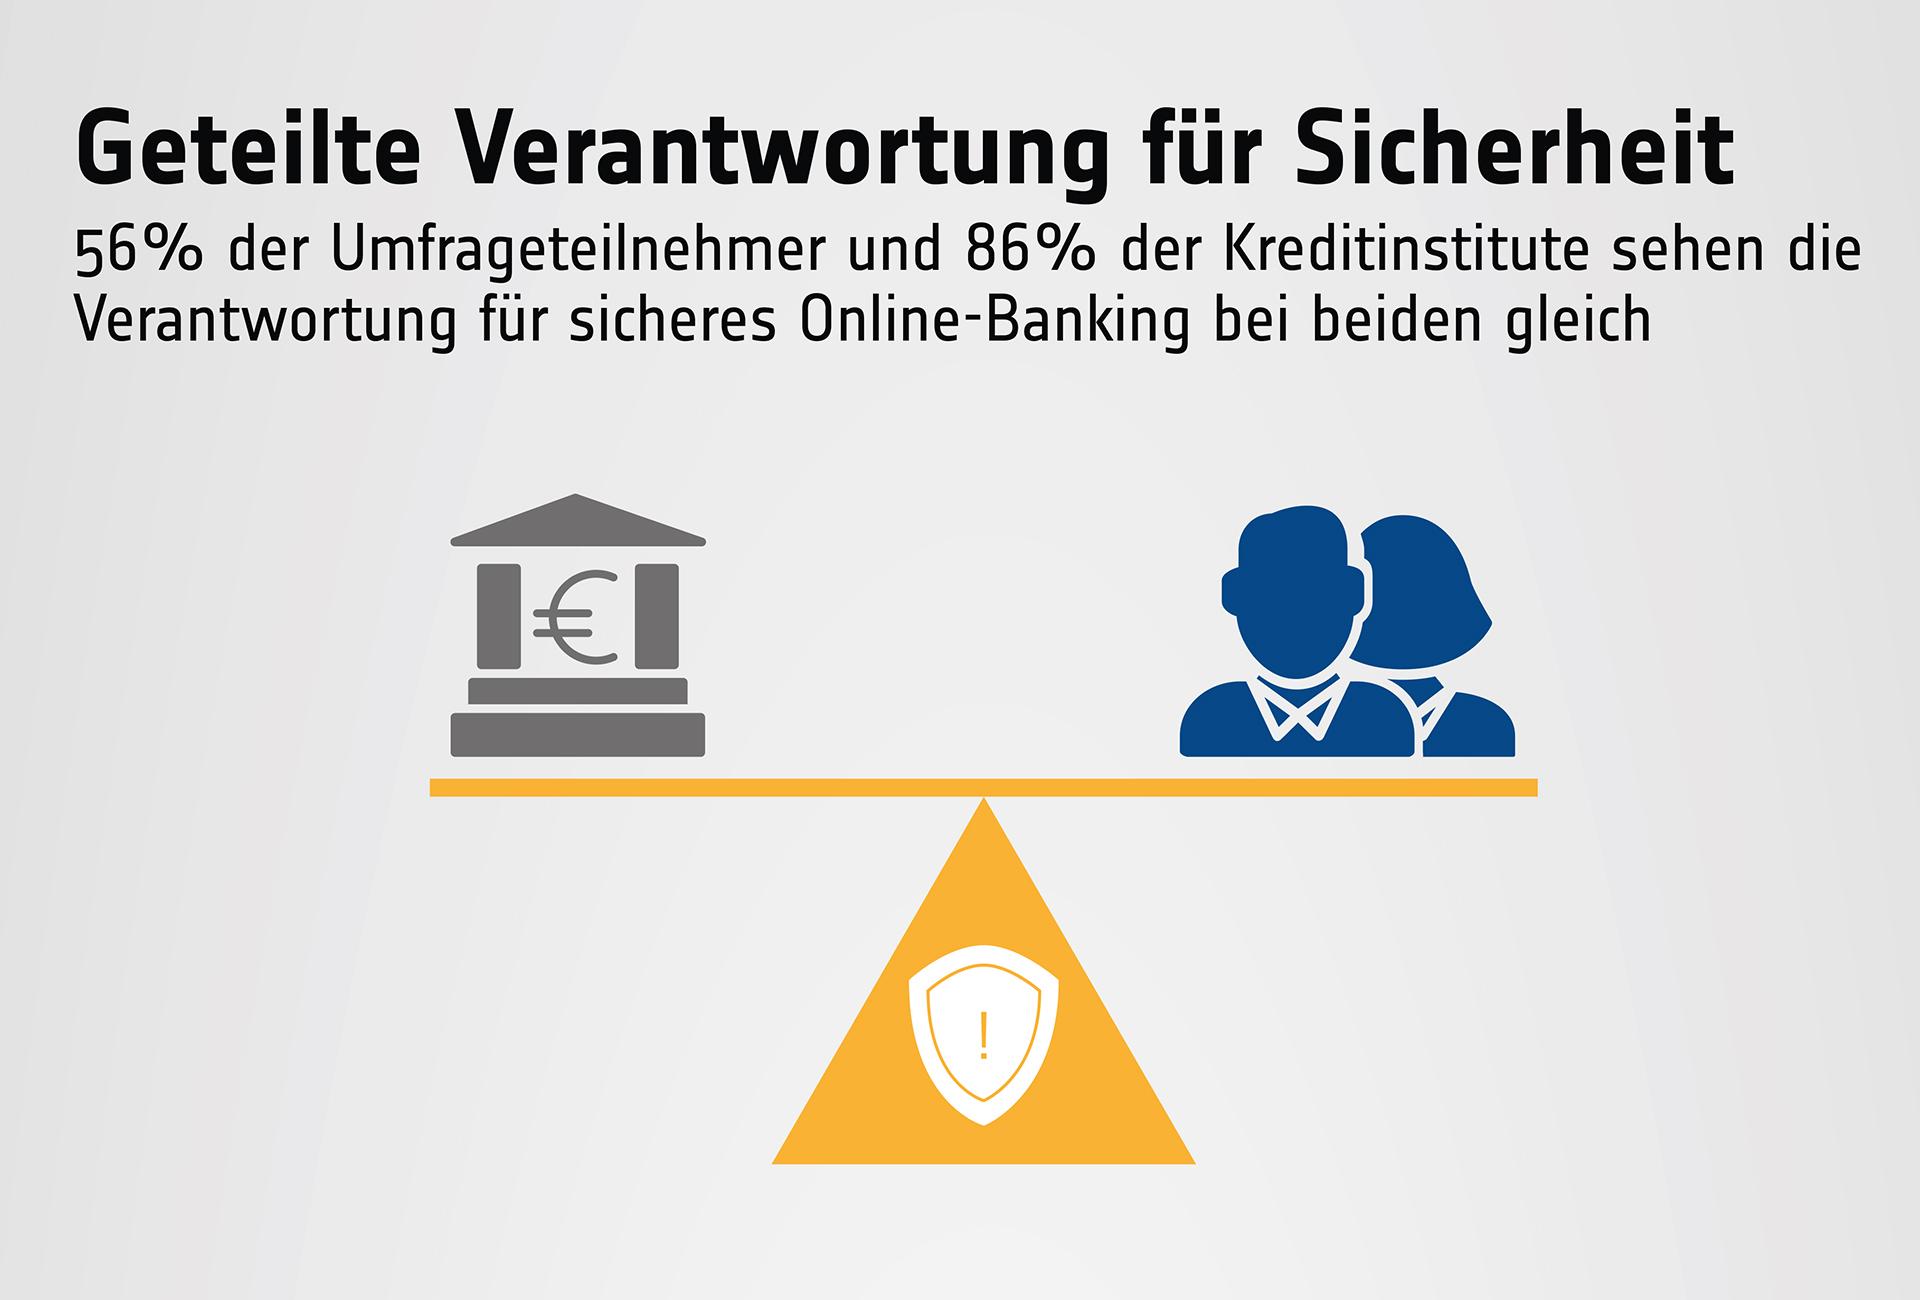 Geteilte Verantwortung für Sicherheit beim Online-Banking